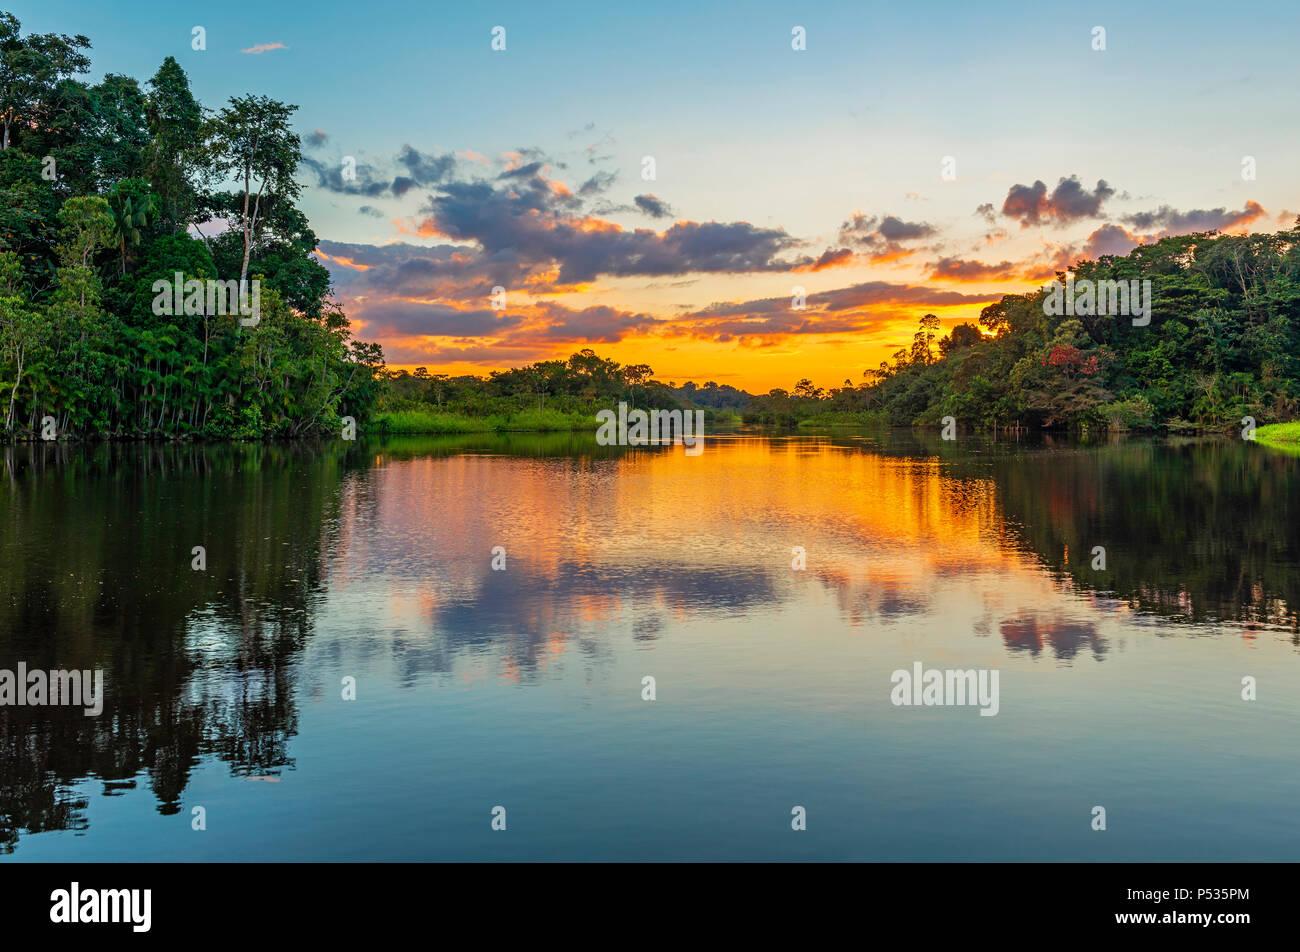 Réflexion d'un coucher du soleil dans le bassin de la forêt amazonienne. Les pays du Brésil, Bolivie, Colombie, Équateur, Pérou, Venezuela, Guyana et Suriname. Photo Stock